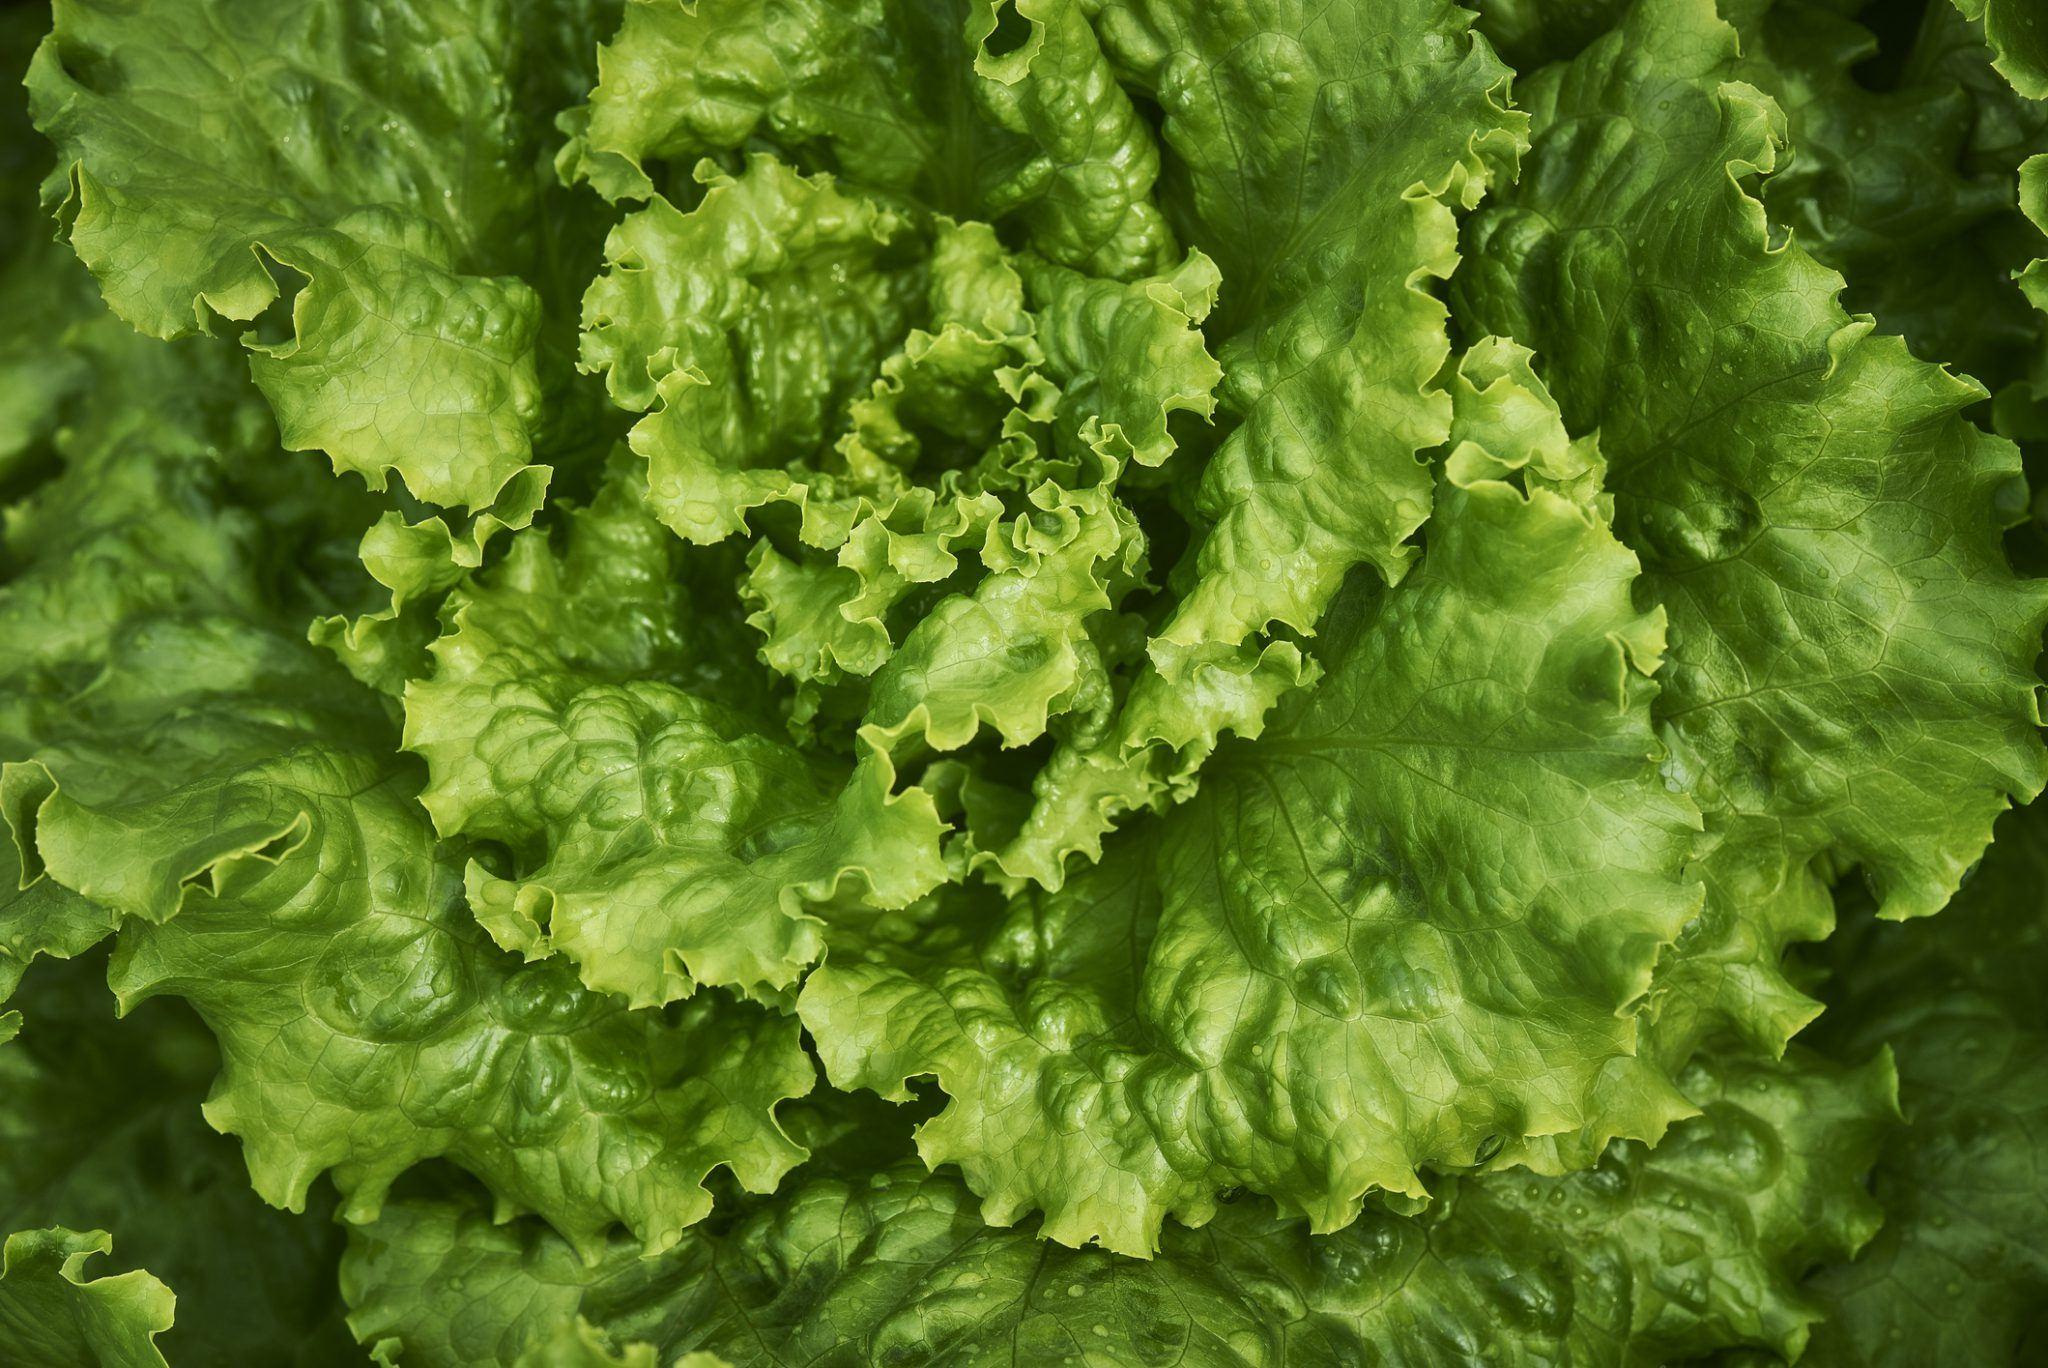 Semence bio de salade et laitue